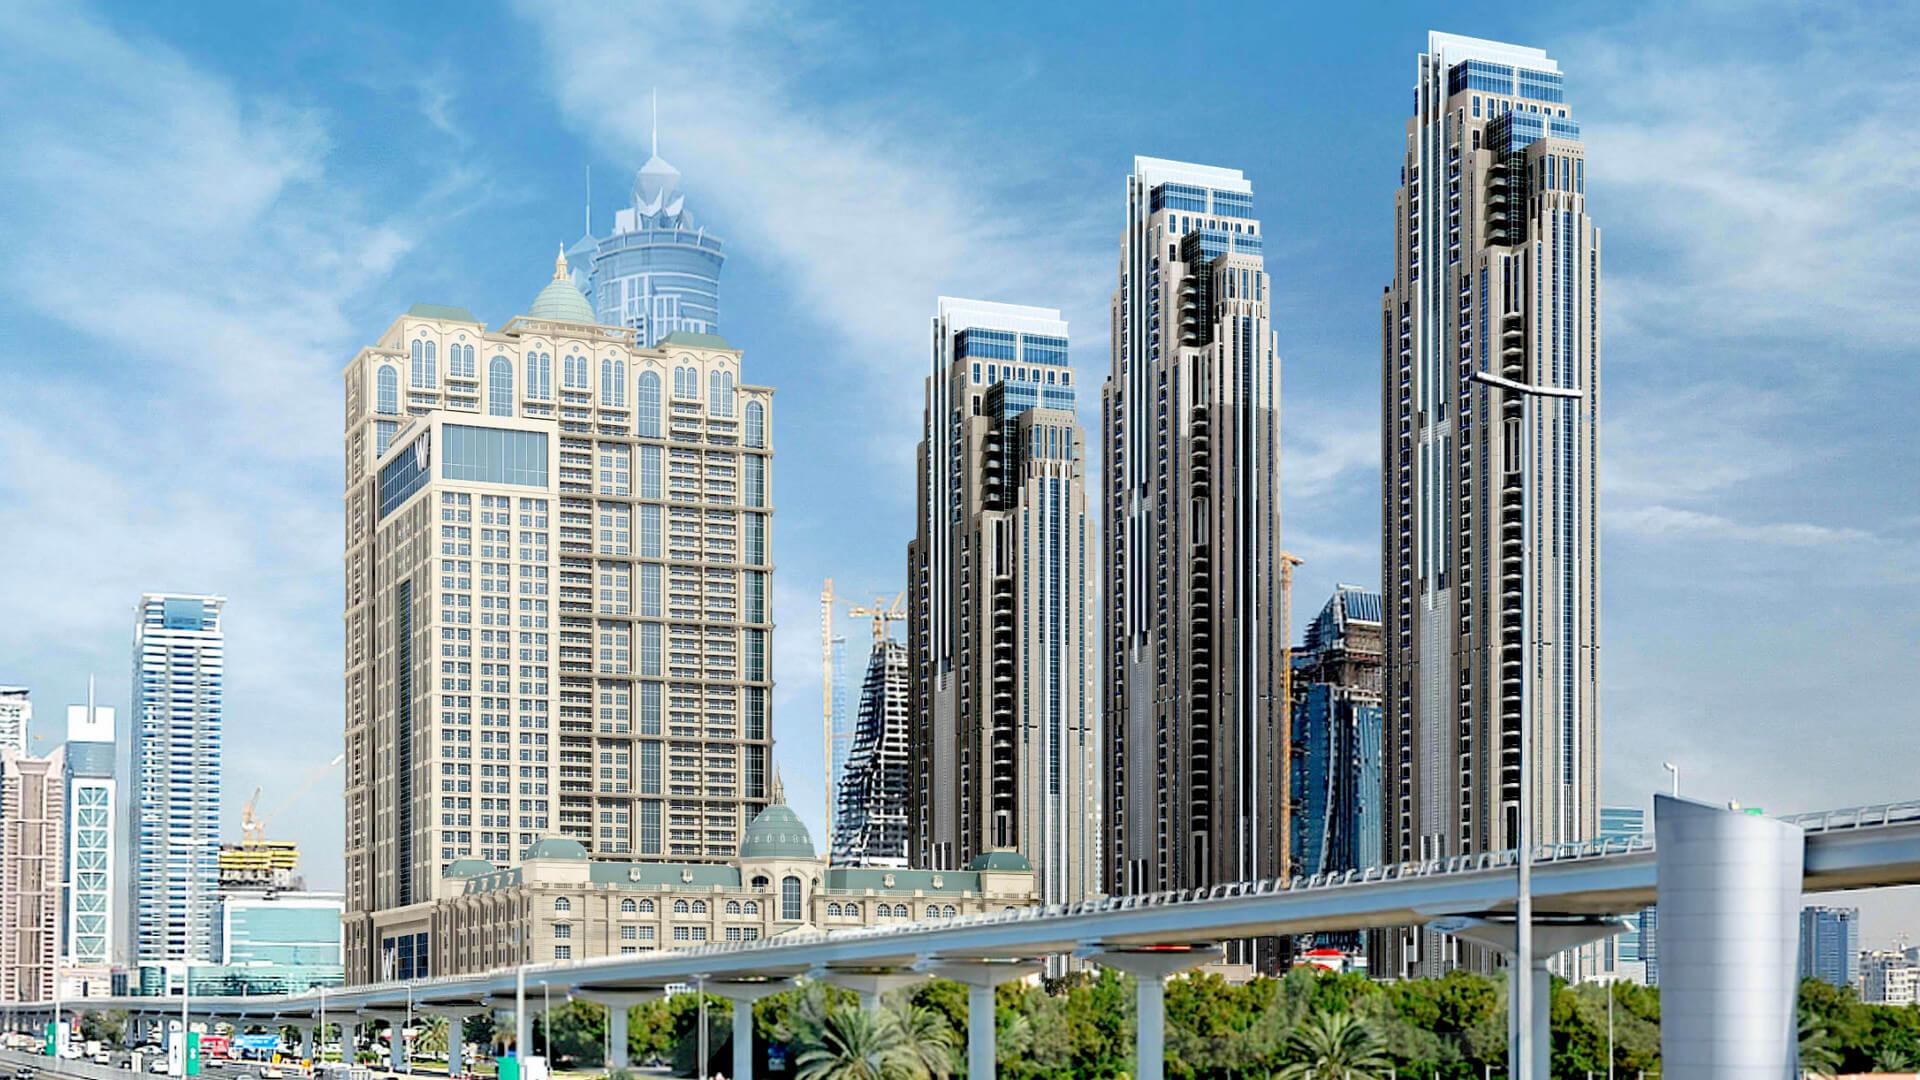 Ático en venta en Dubai, EAU, 7 dormitorios, 2724 m2, № 24064 – foto 2